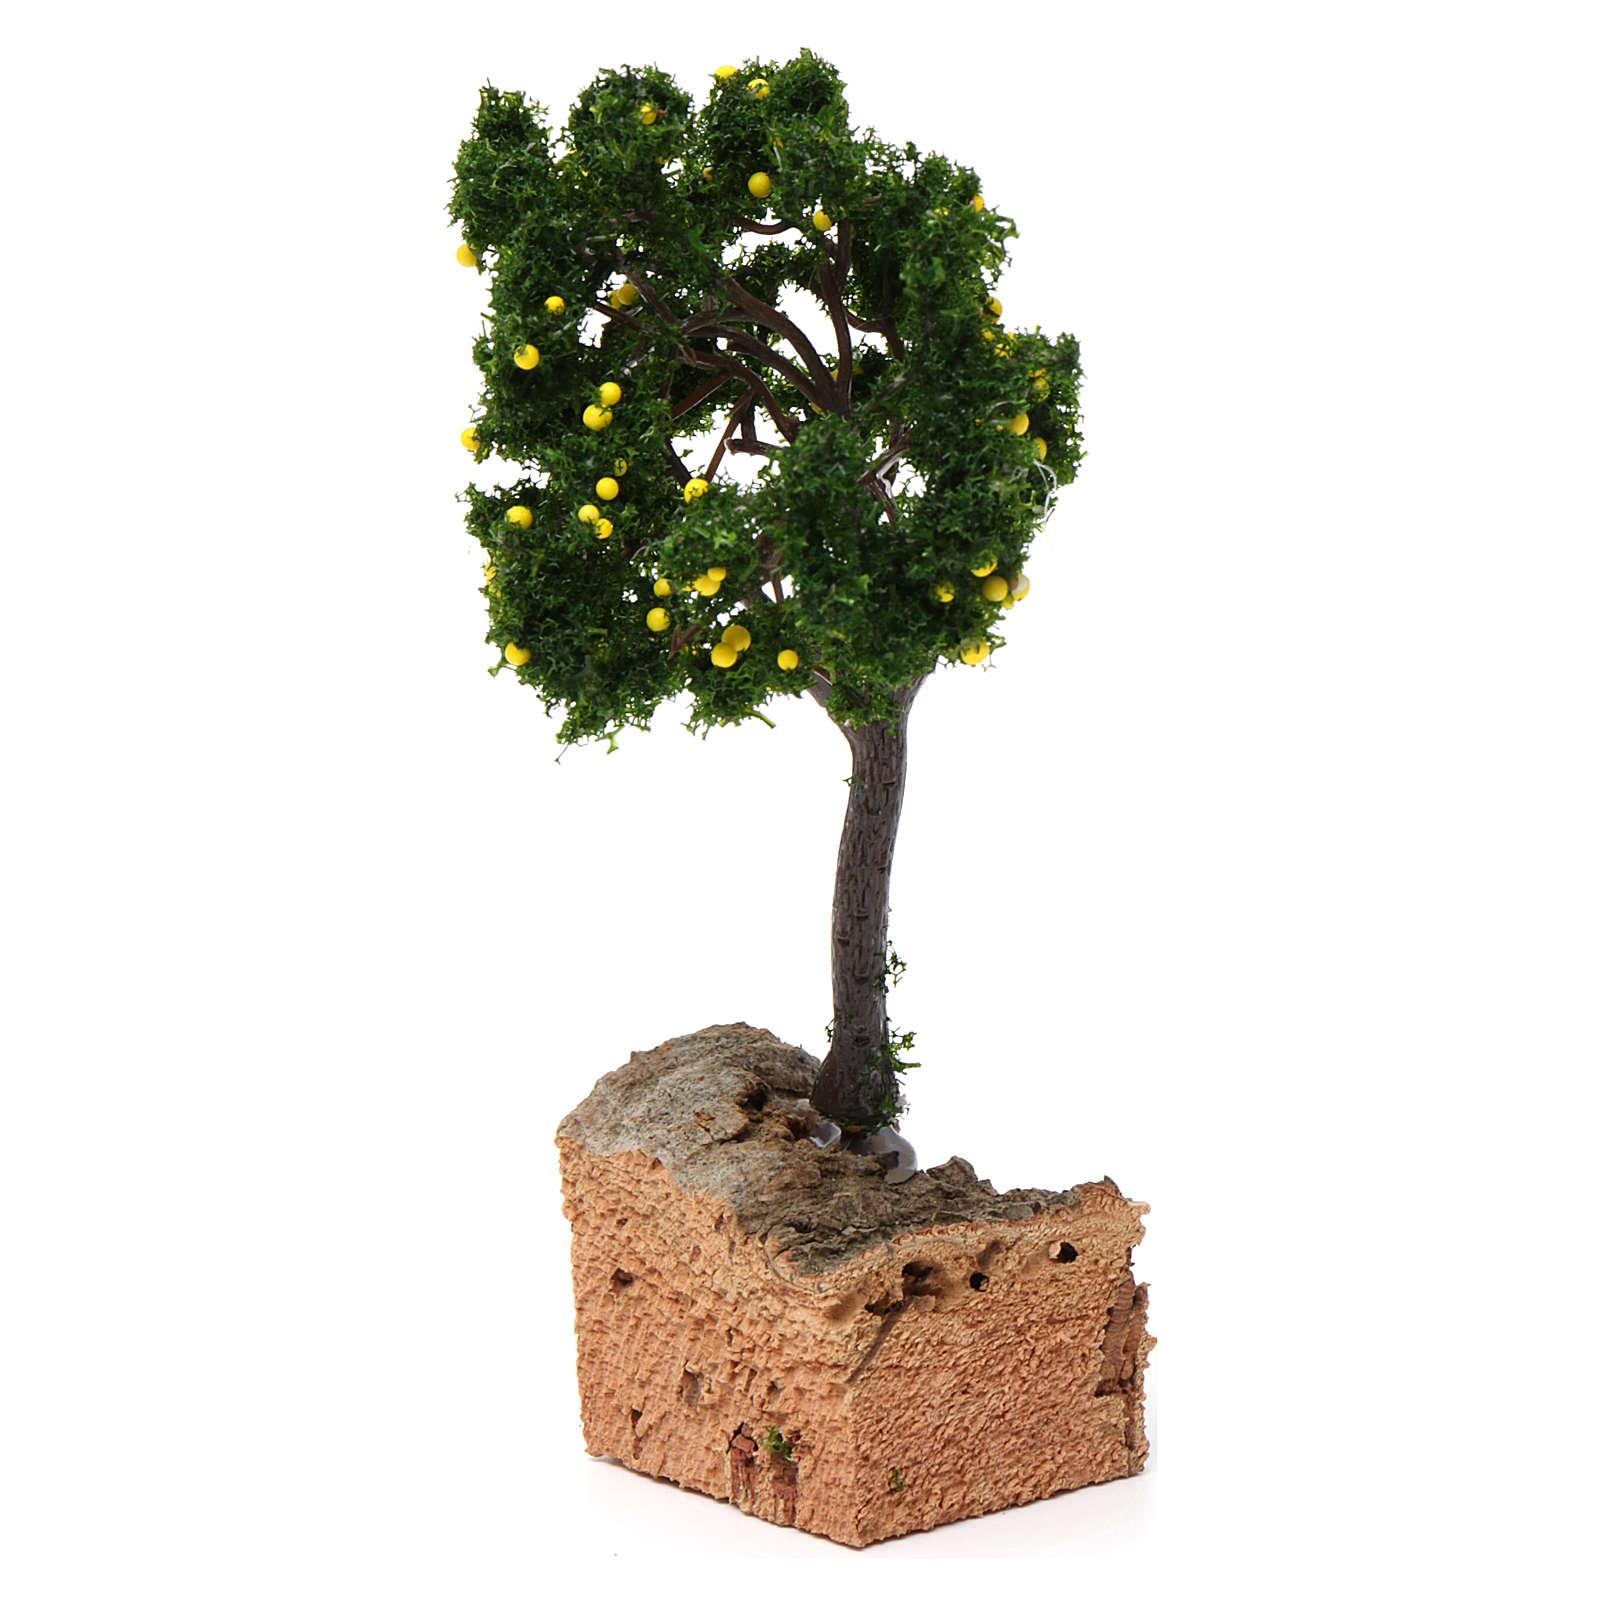 Lemon tree for Nativity Scene 7-10 cm 4